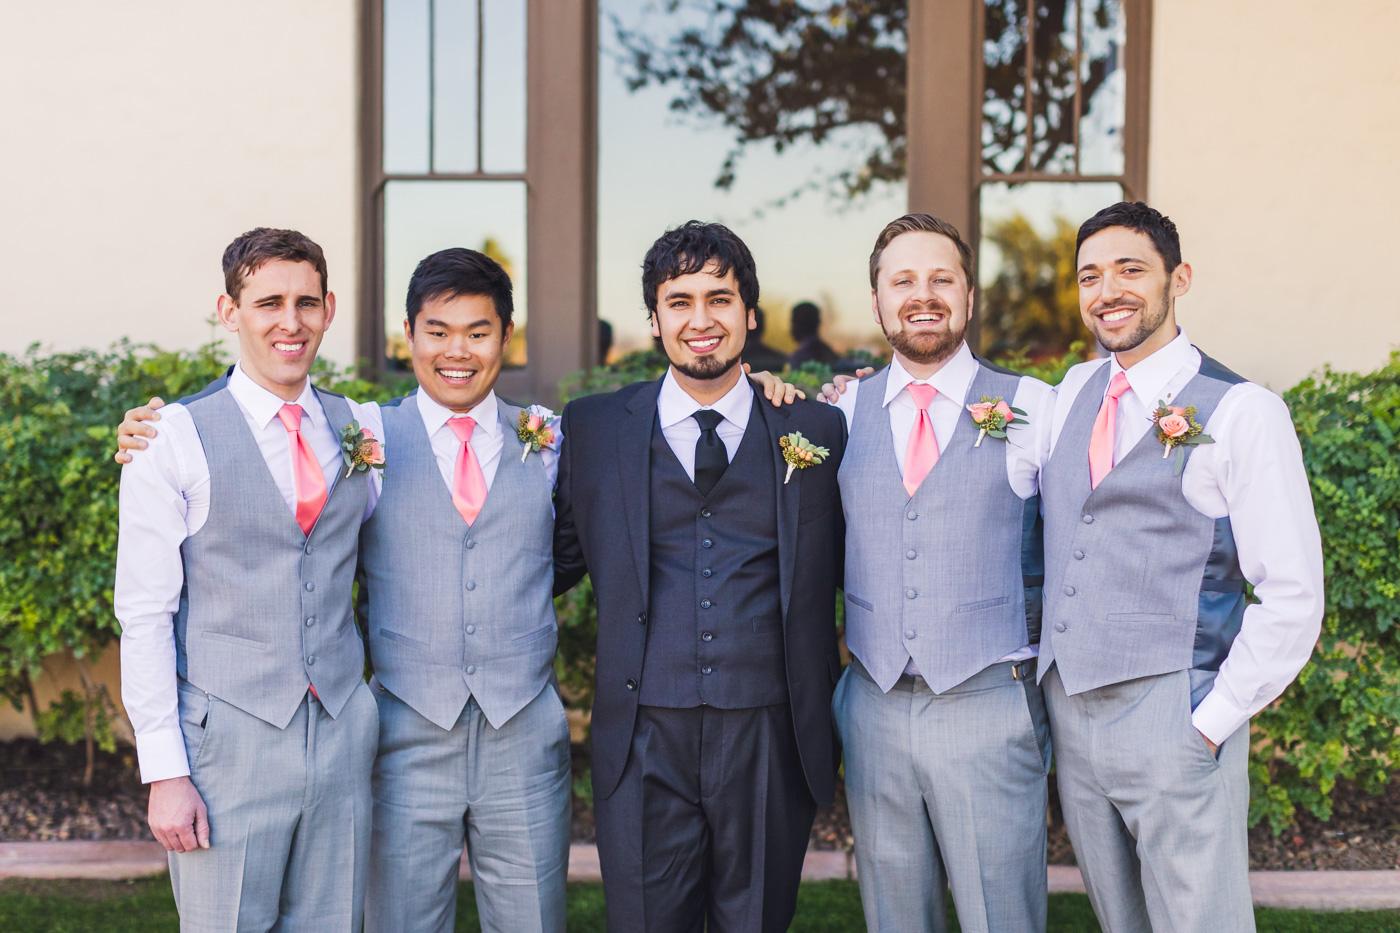 groom-and-grooomsmen